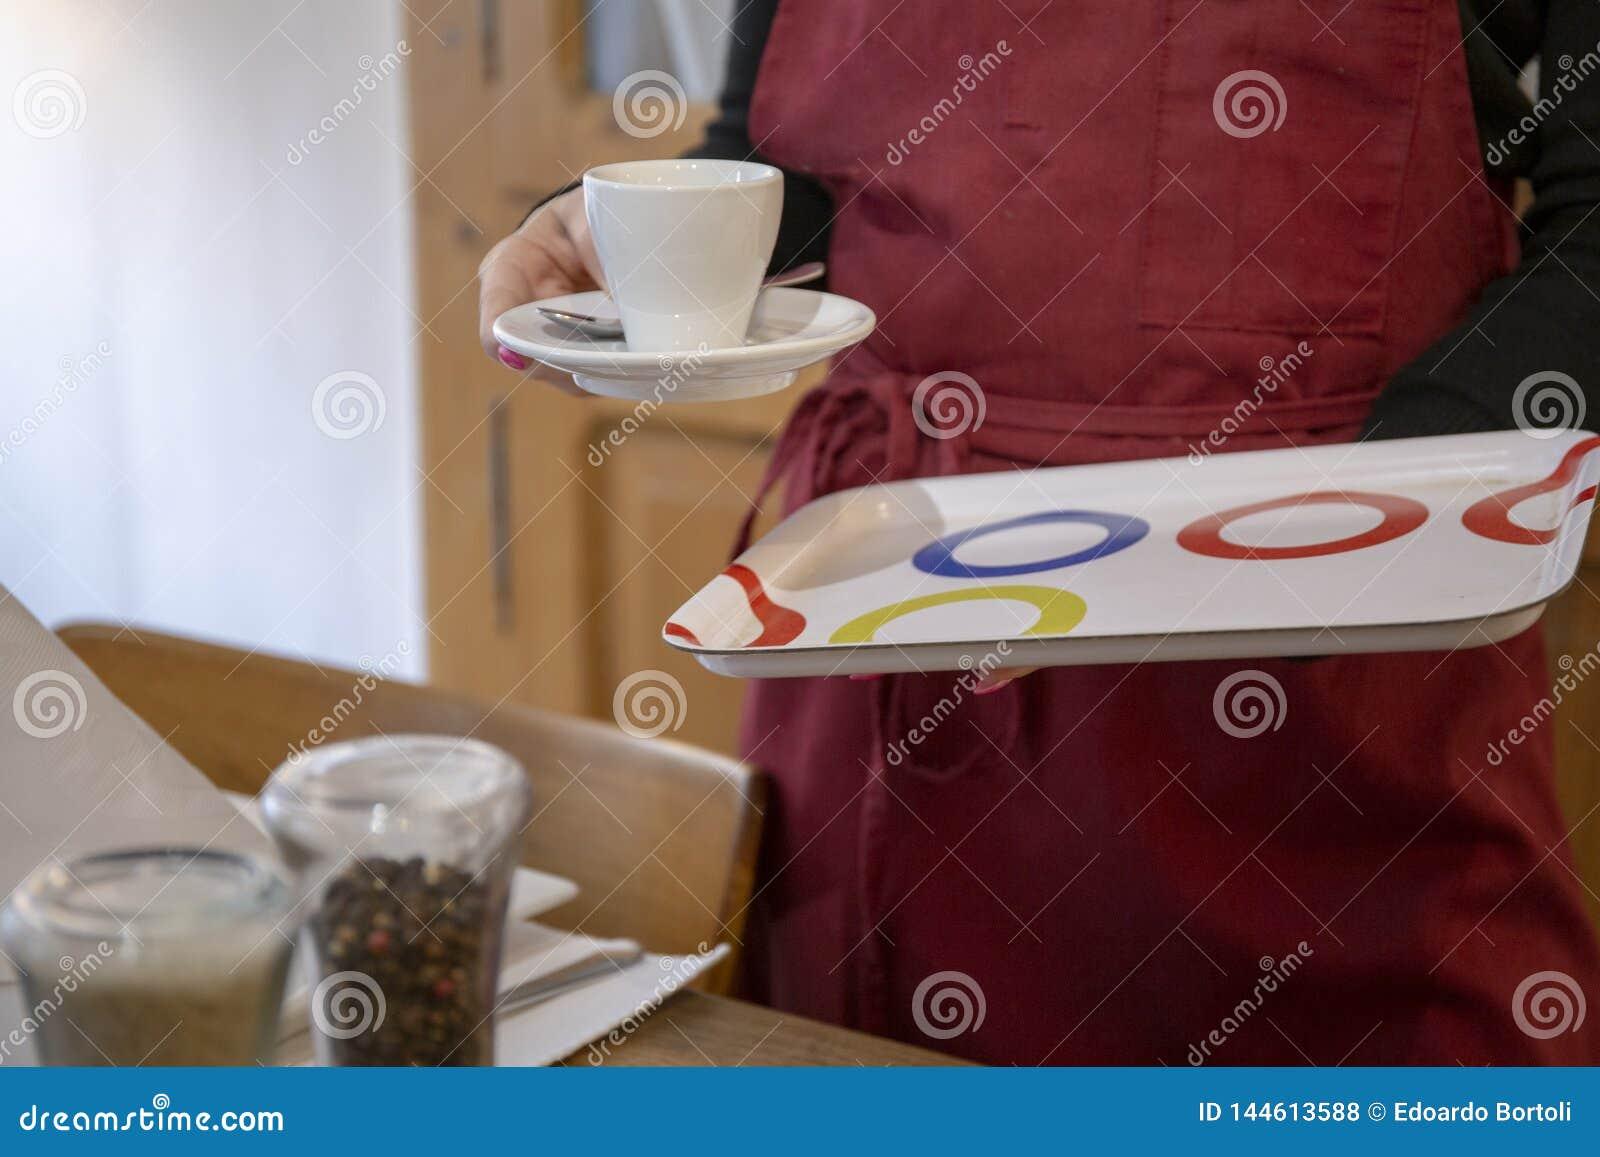 Tazza di caffè nel ristorante